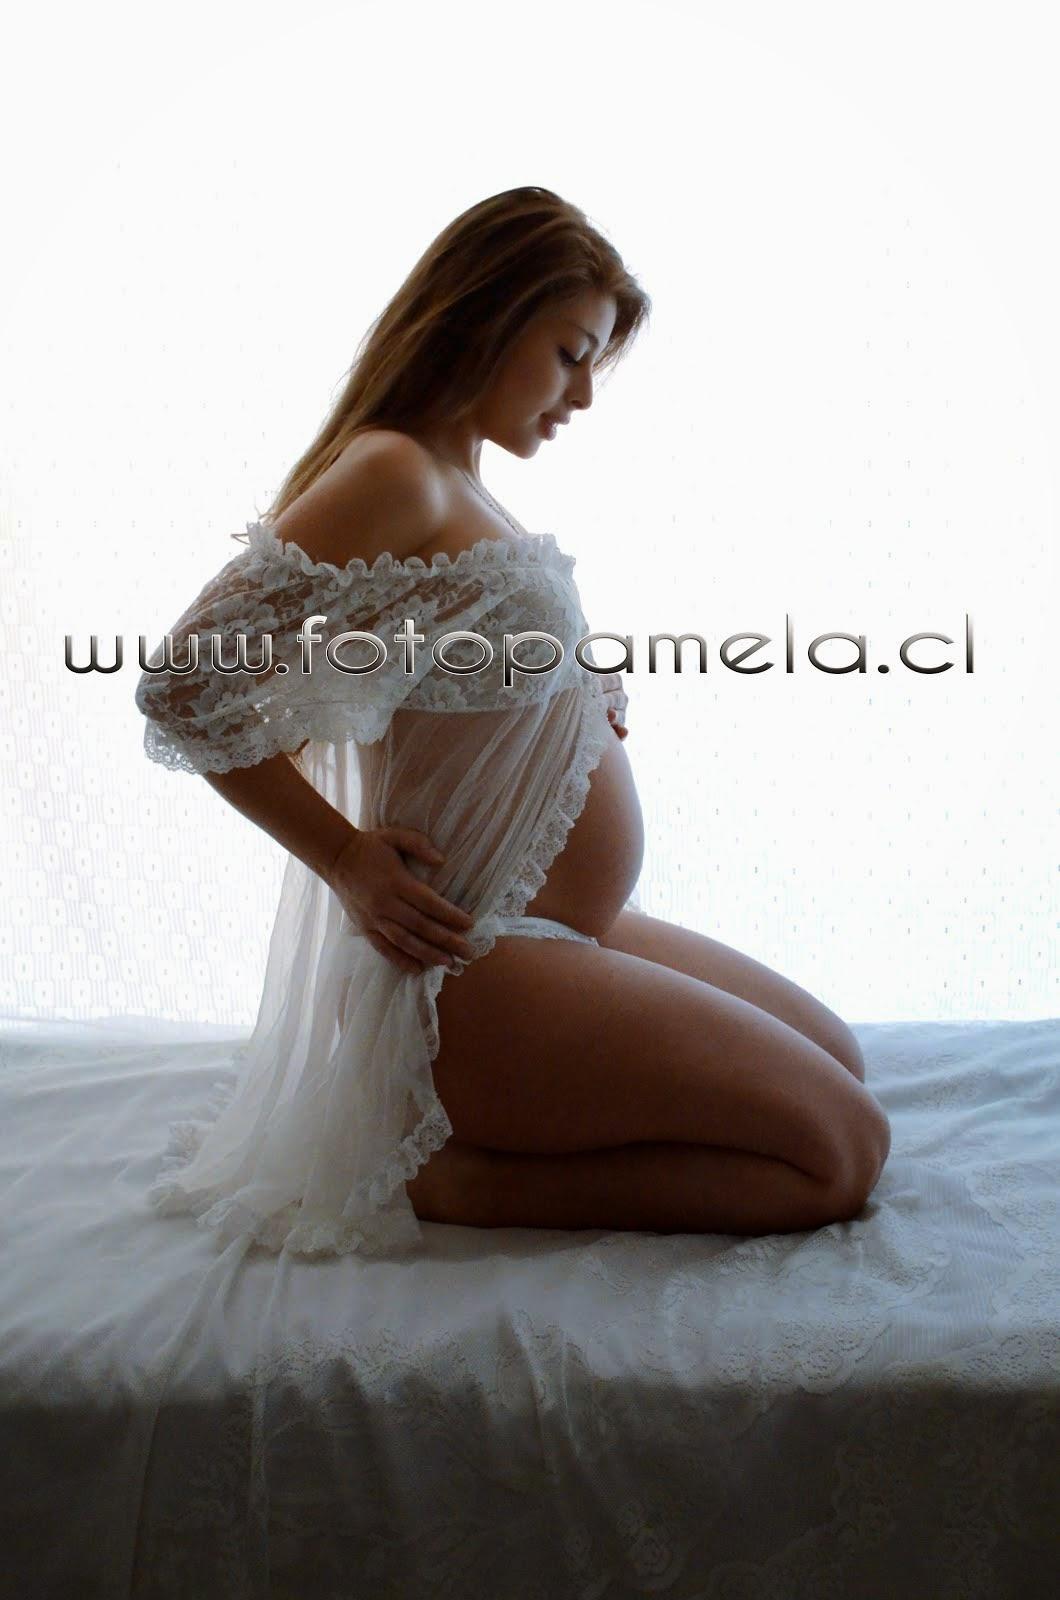 EMBARAZADA FOTOGRAFIA FOTO ESTUDIO EN CHILE